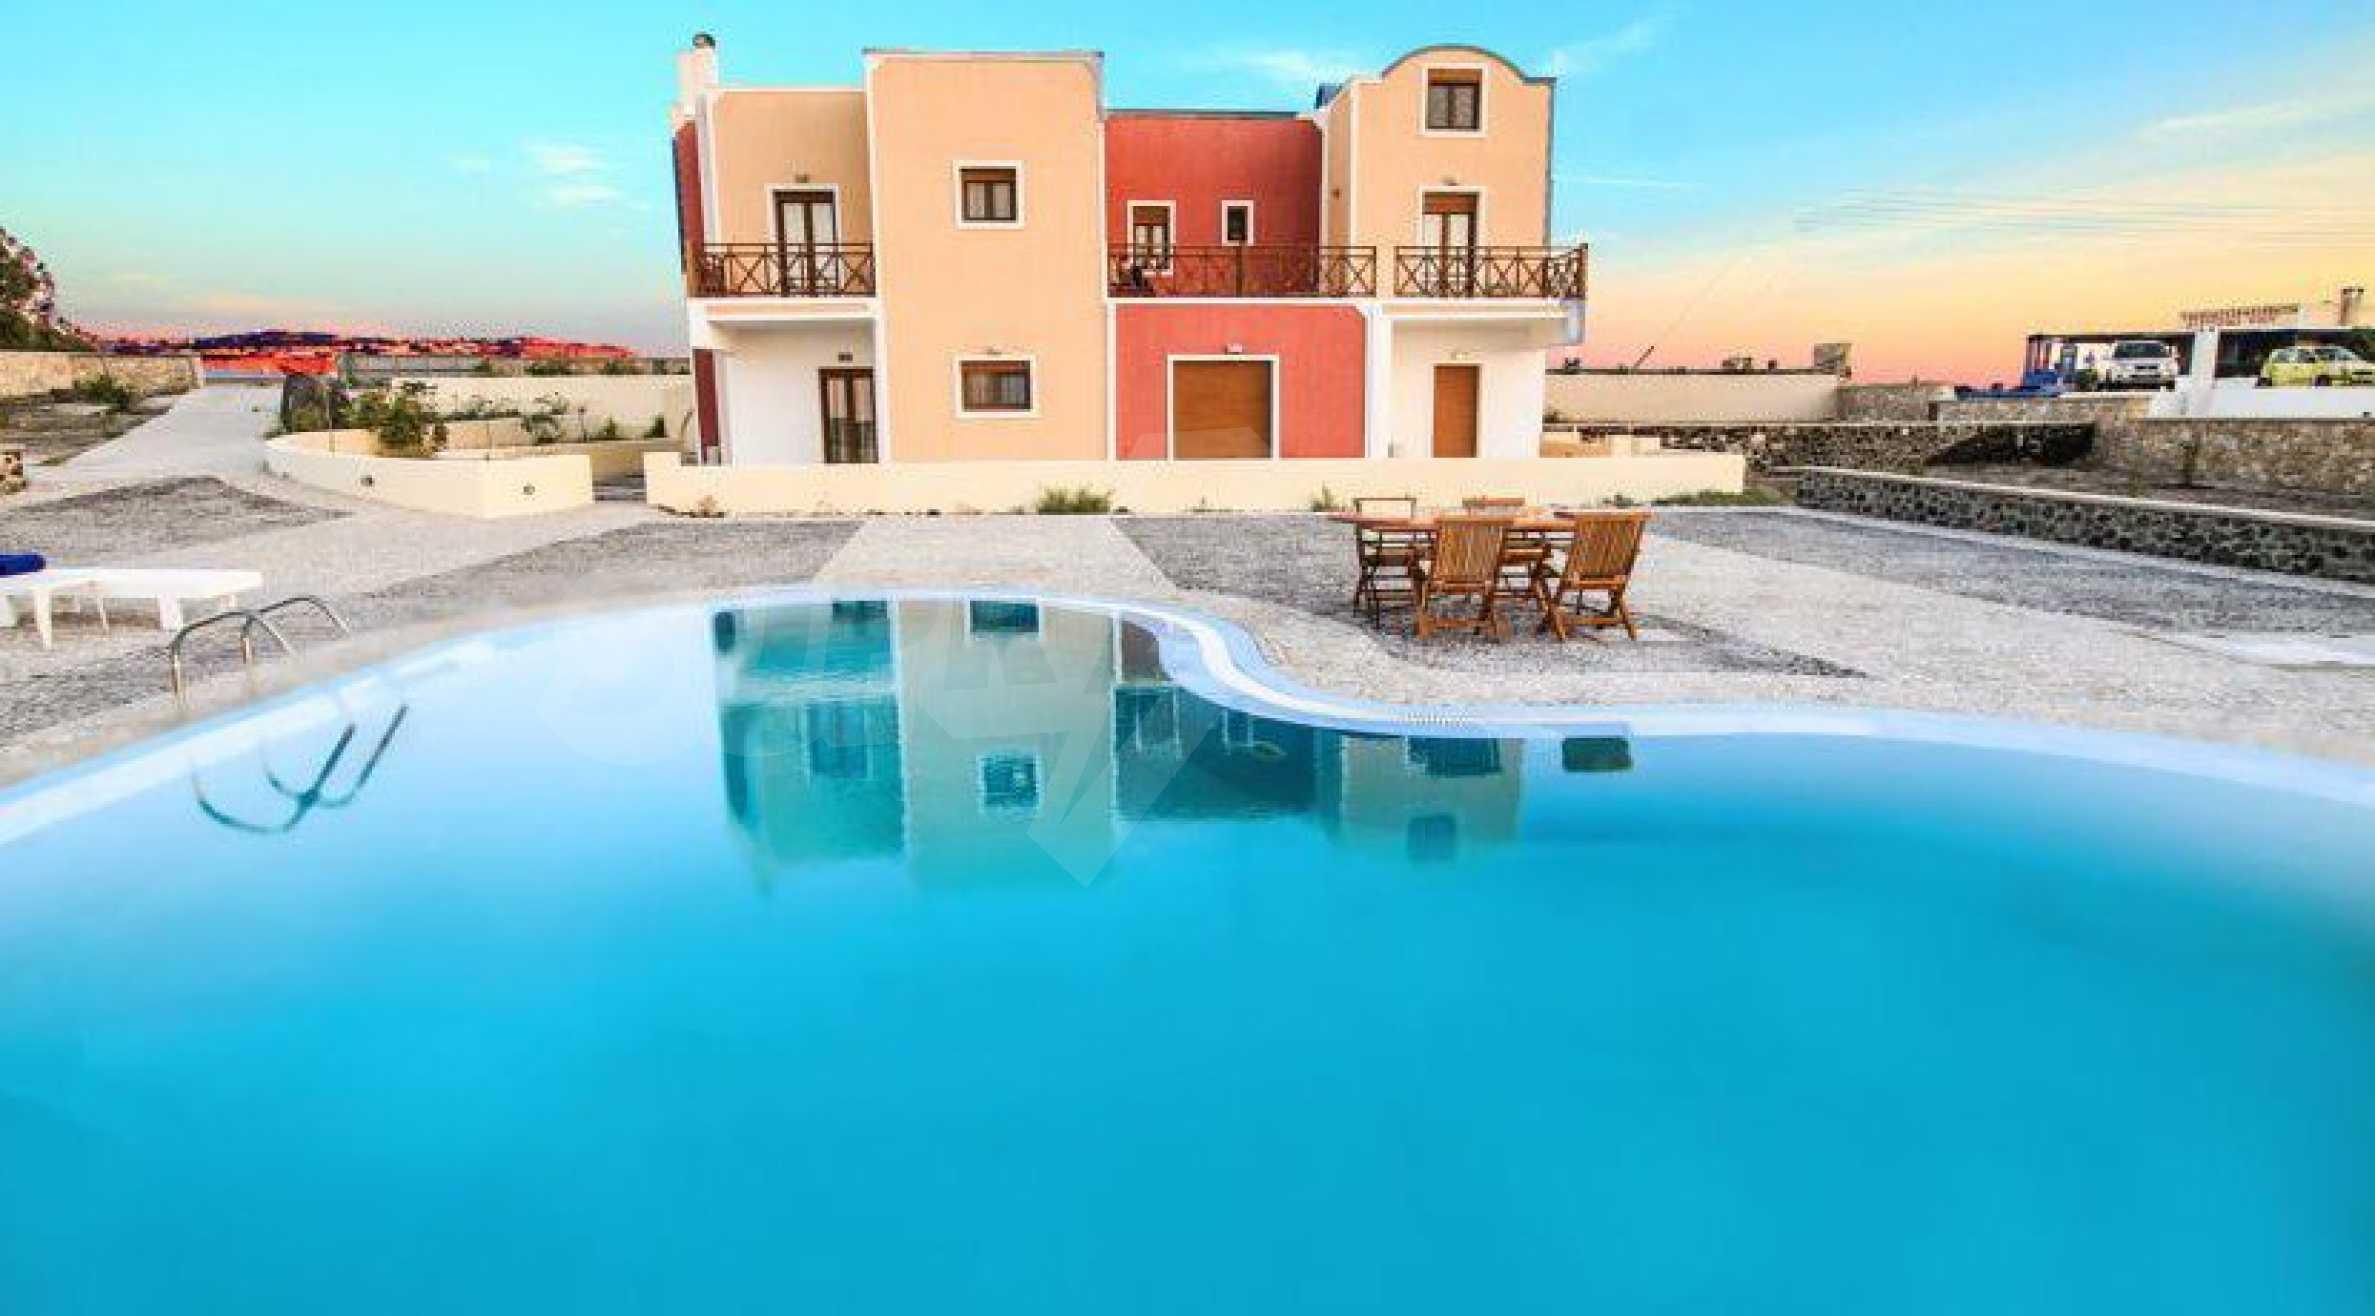 Двуетажна резиденция с открит басейн и изглед към Егейско 1